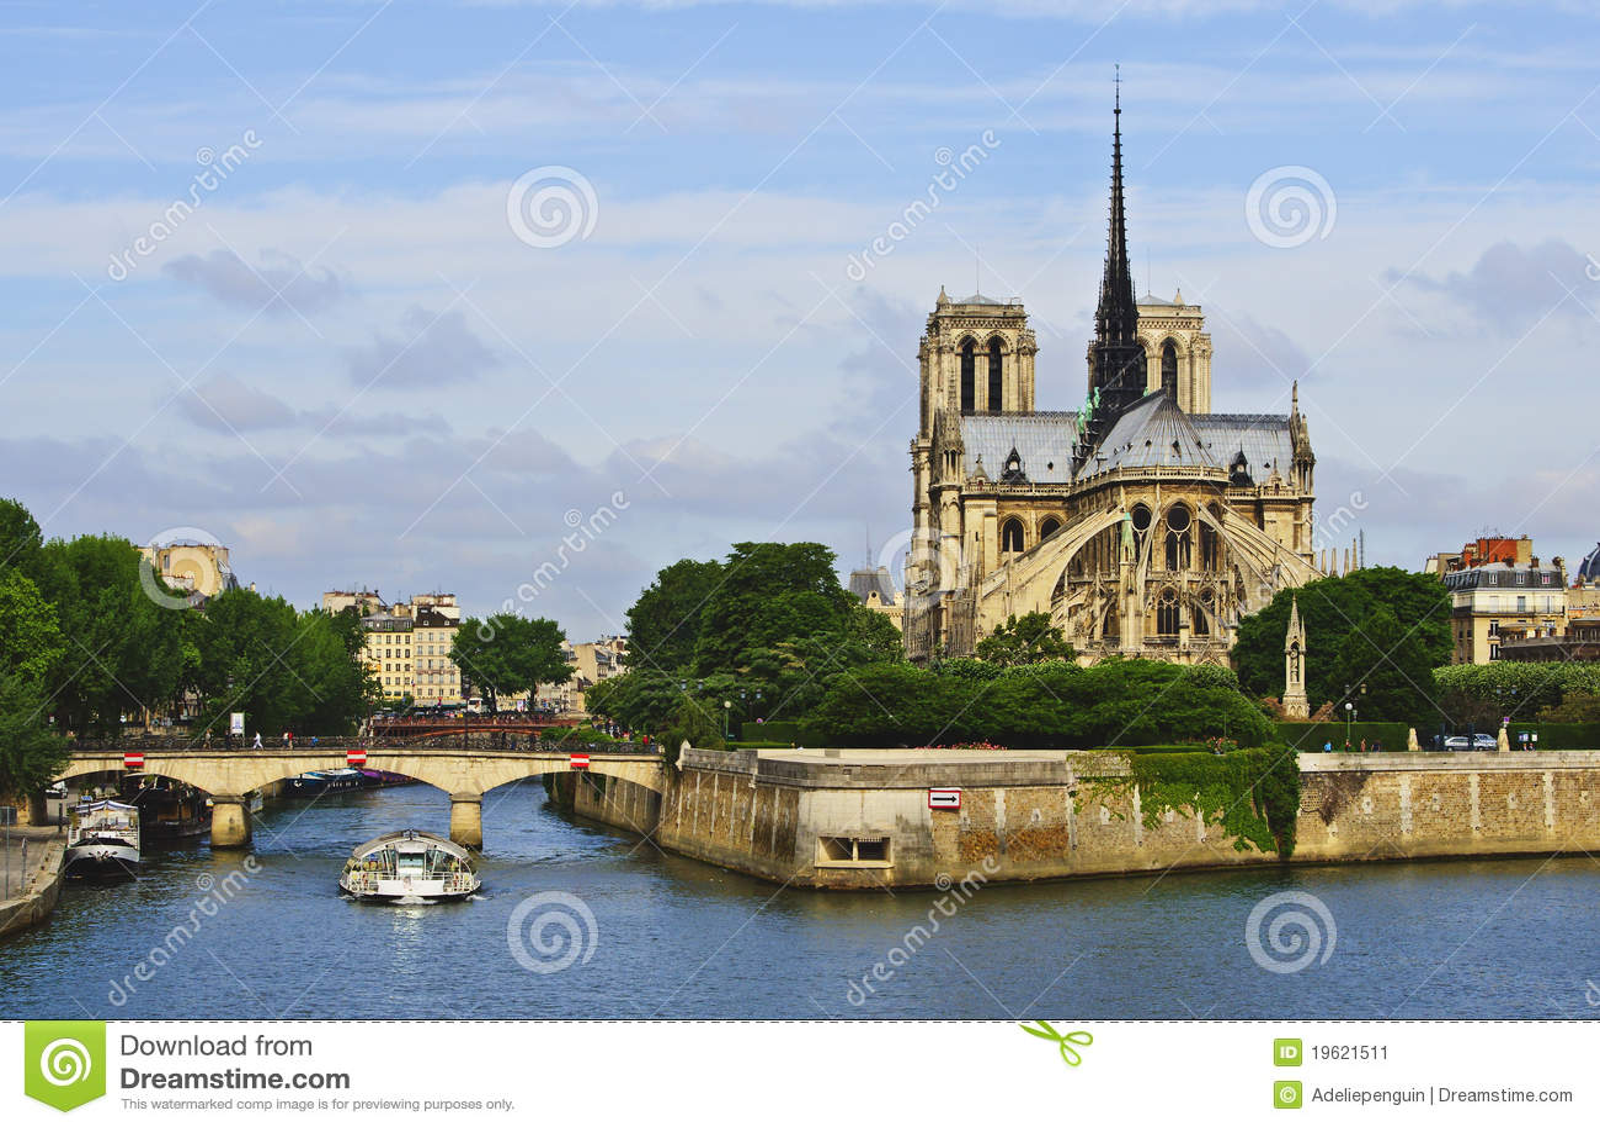 Paris, Notre Dame on the River Seine